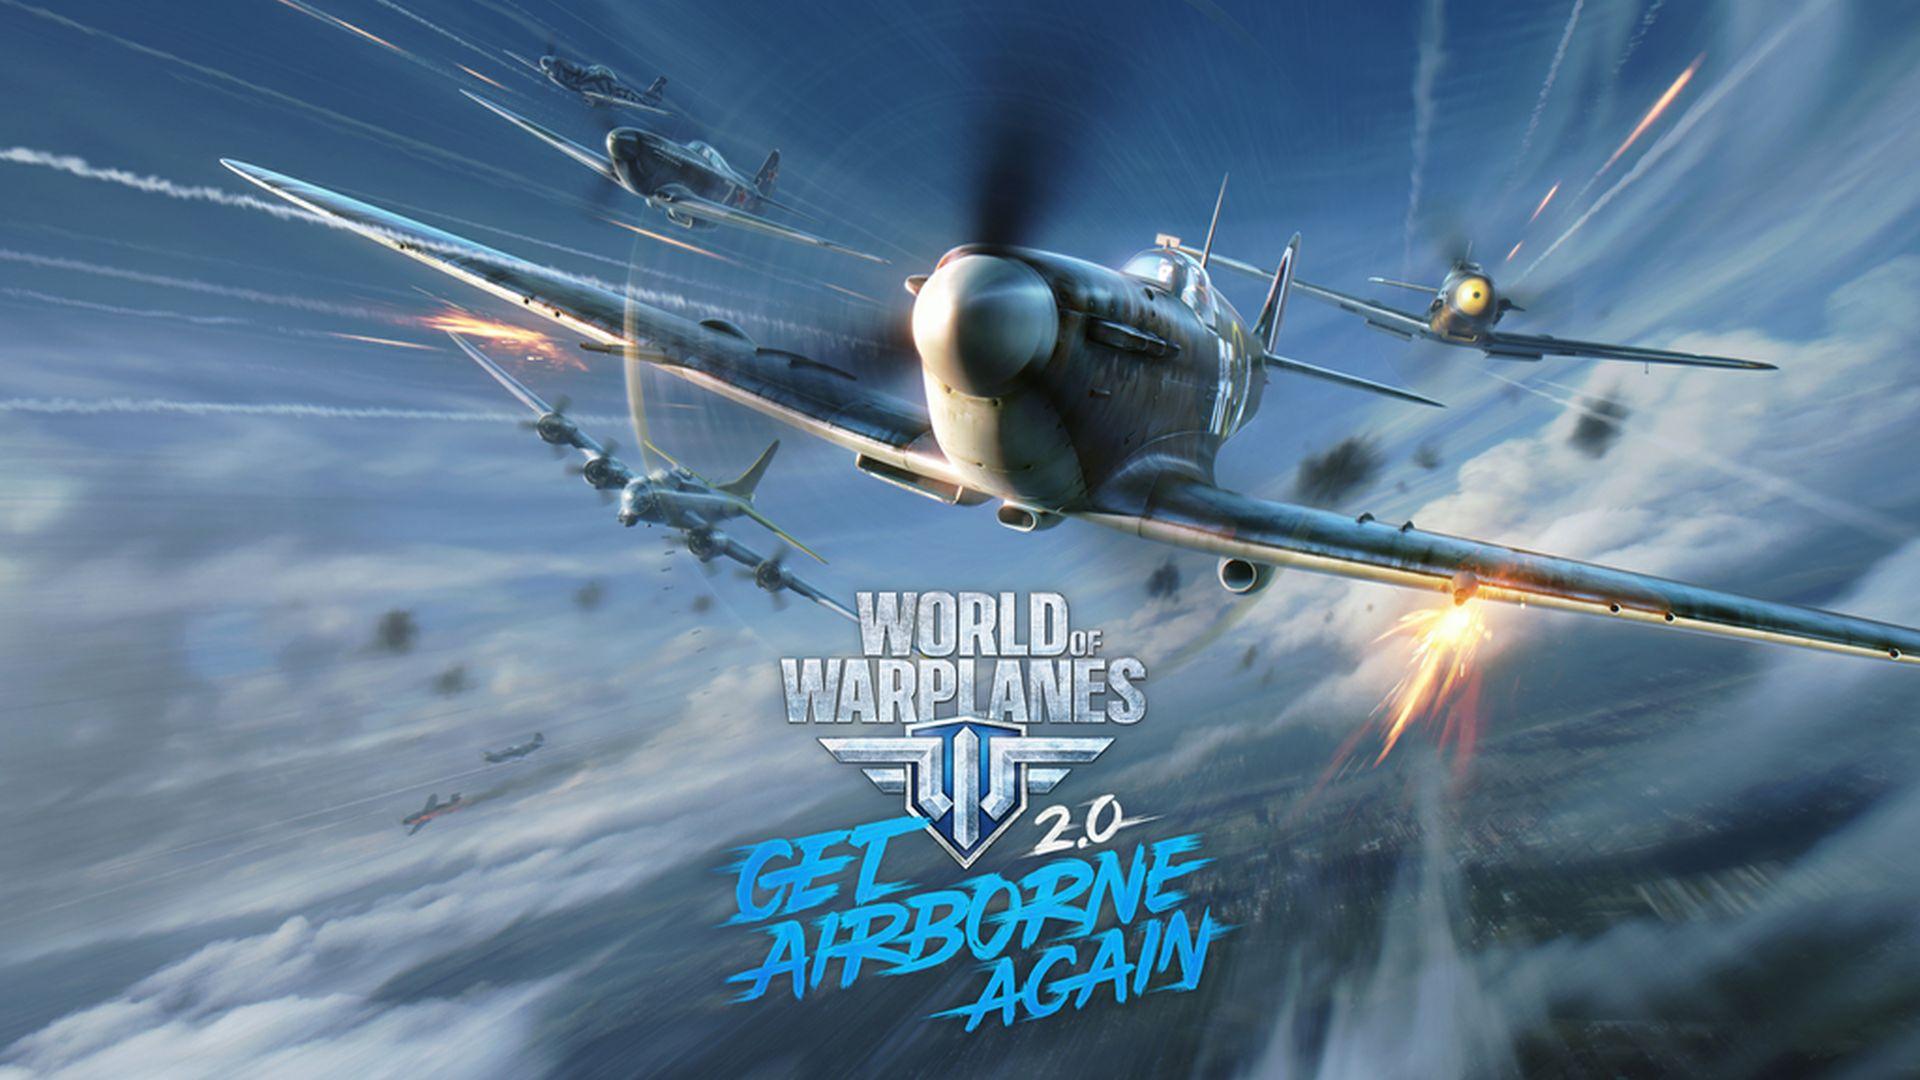 World of Warplanes soll wieder abheben – Dank Version 2.0 & Conquest-Mode